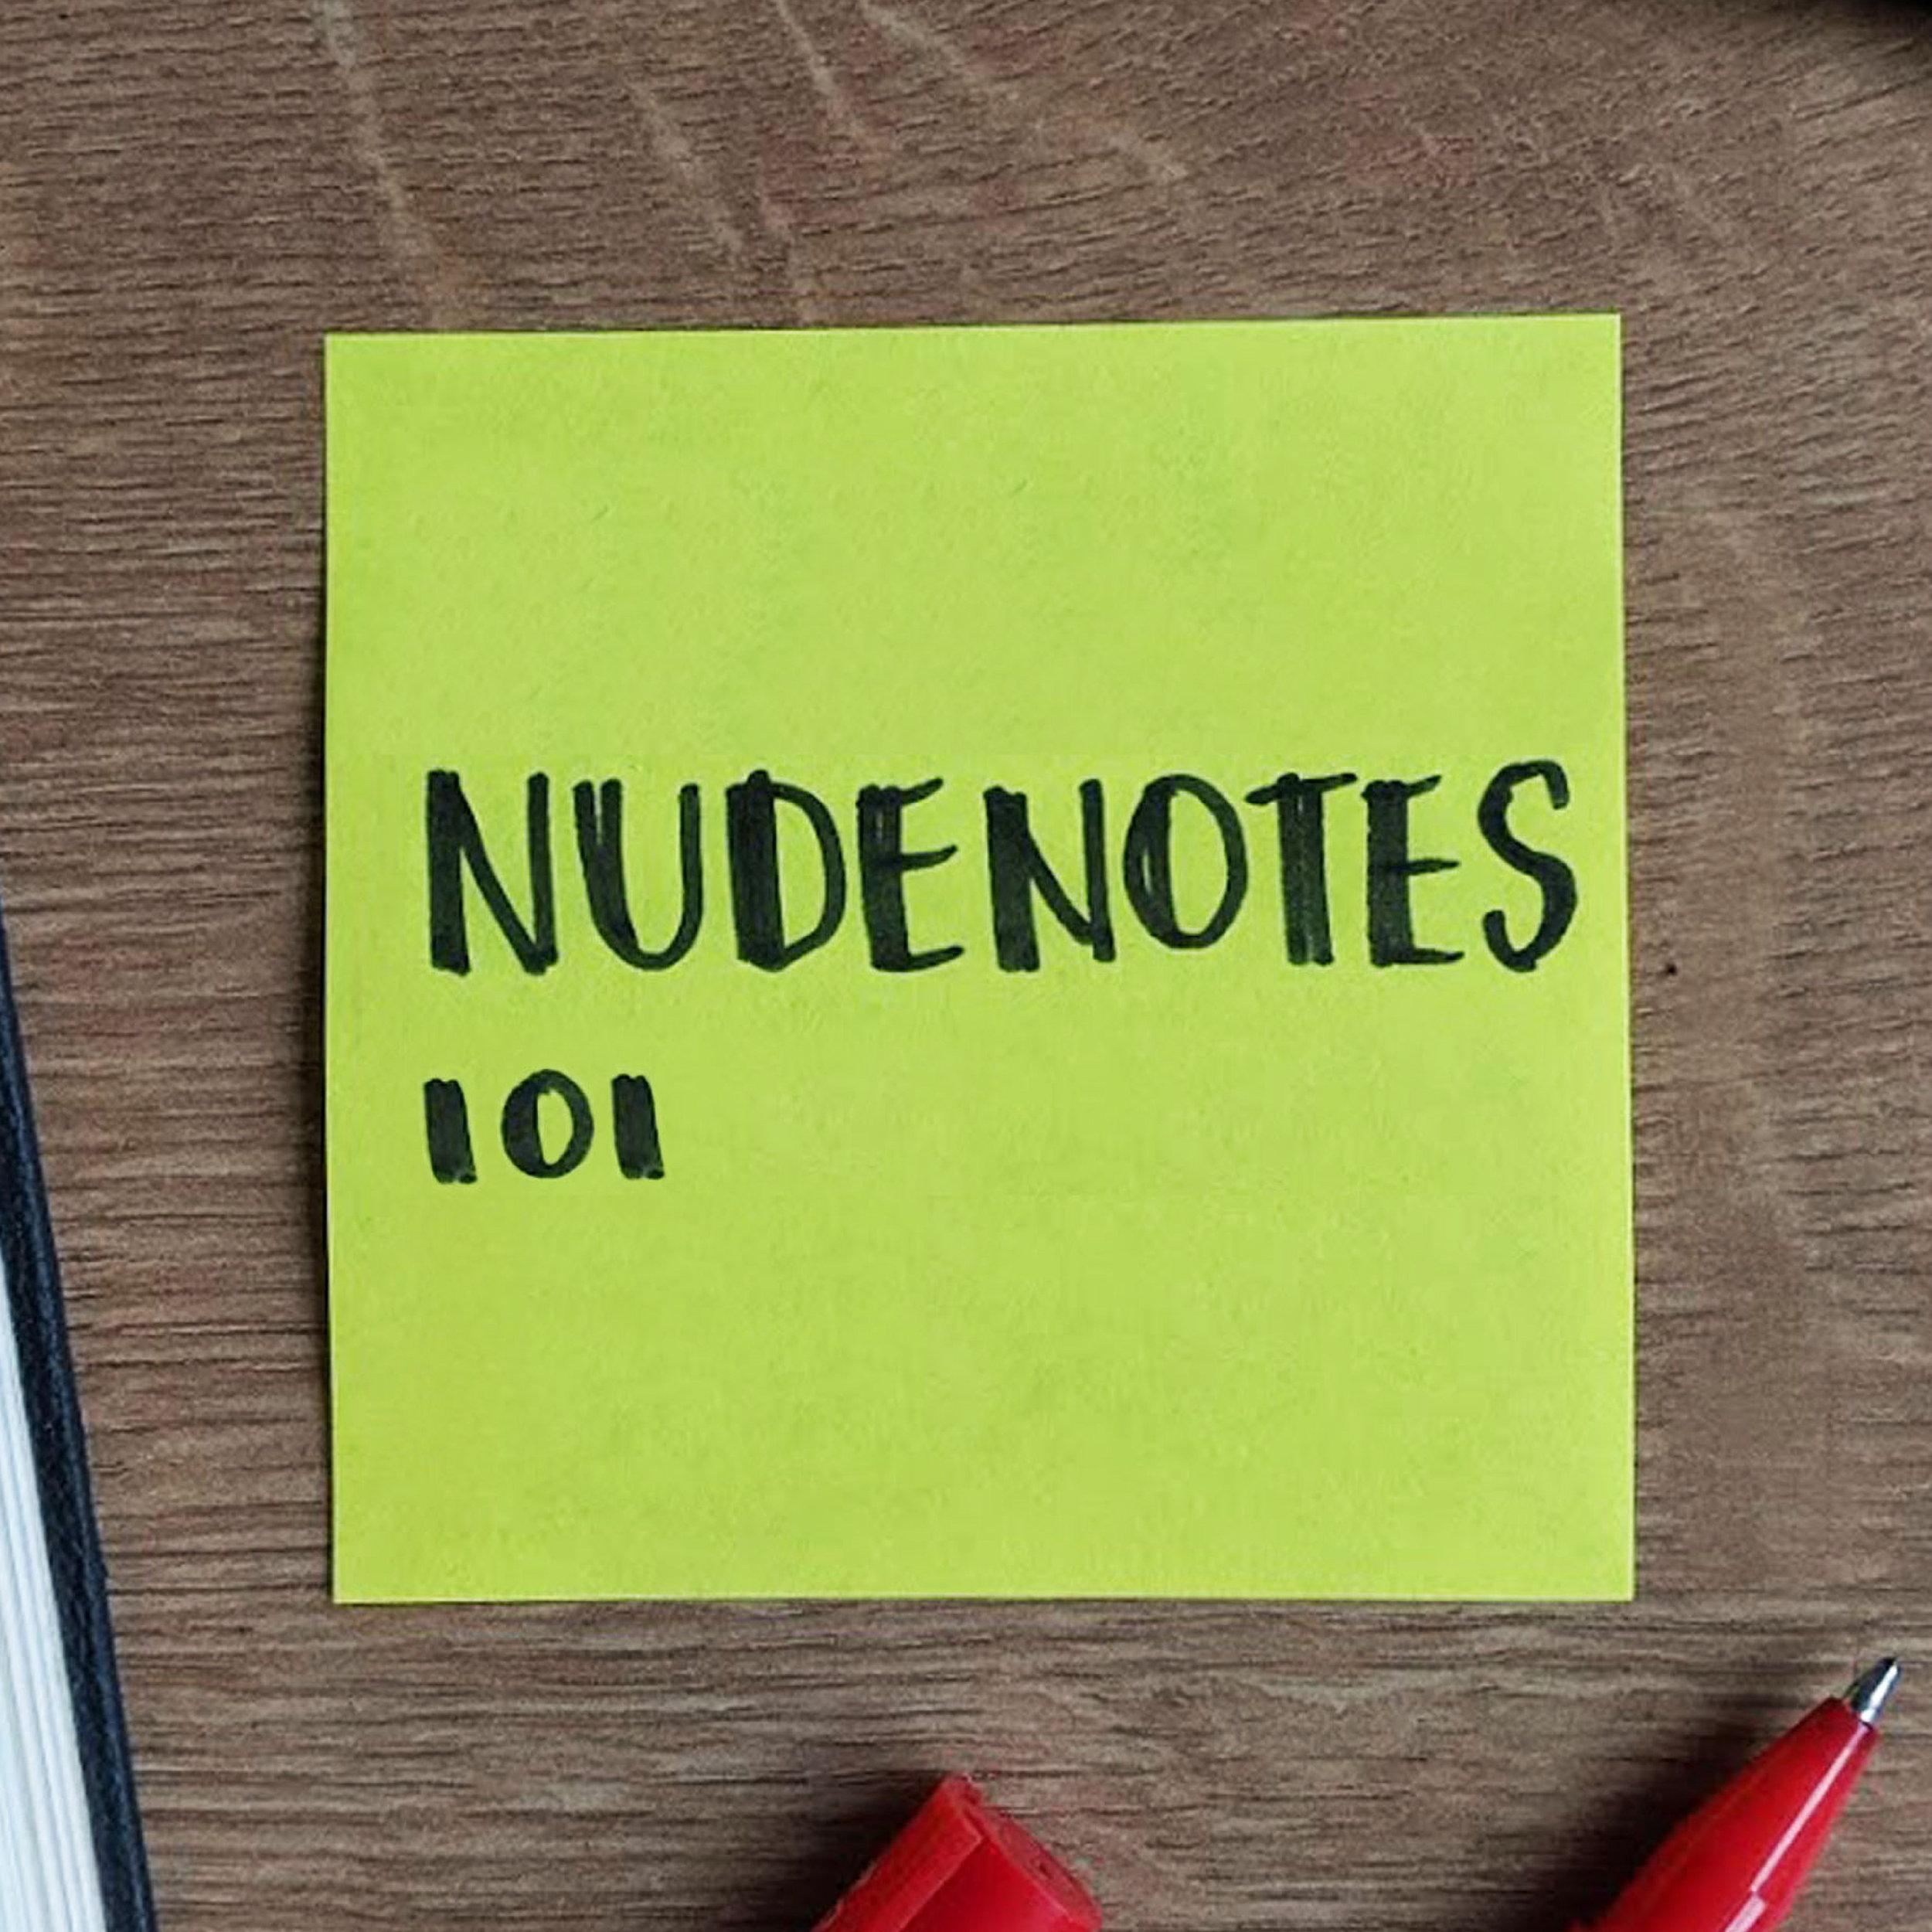 Nudenotes101.jpg